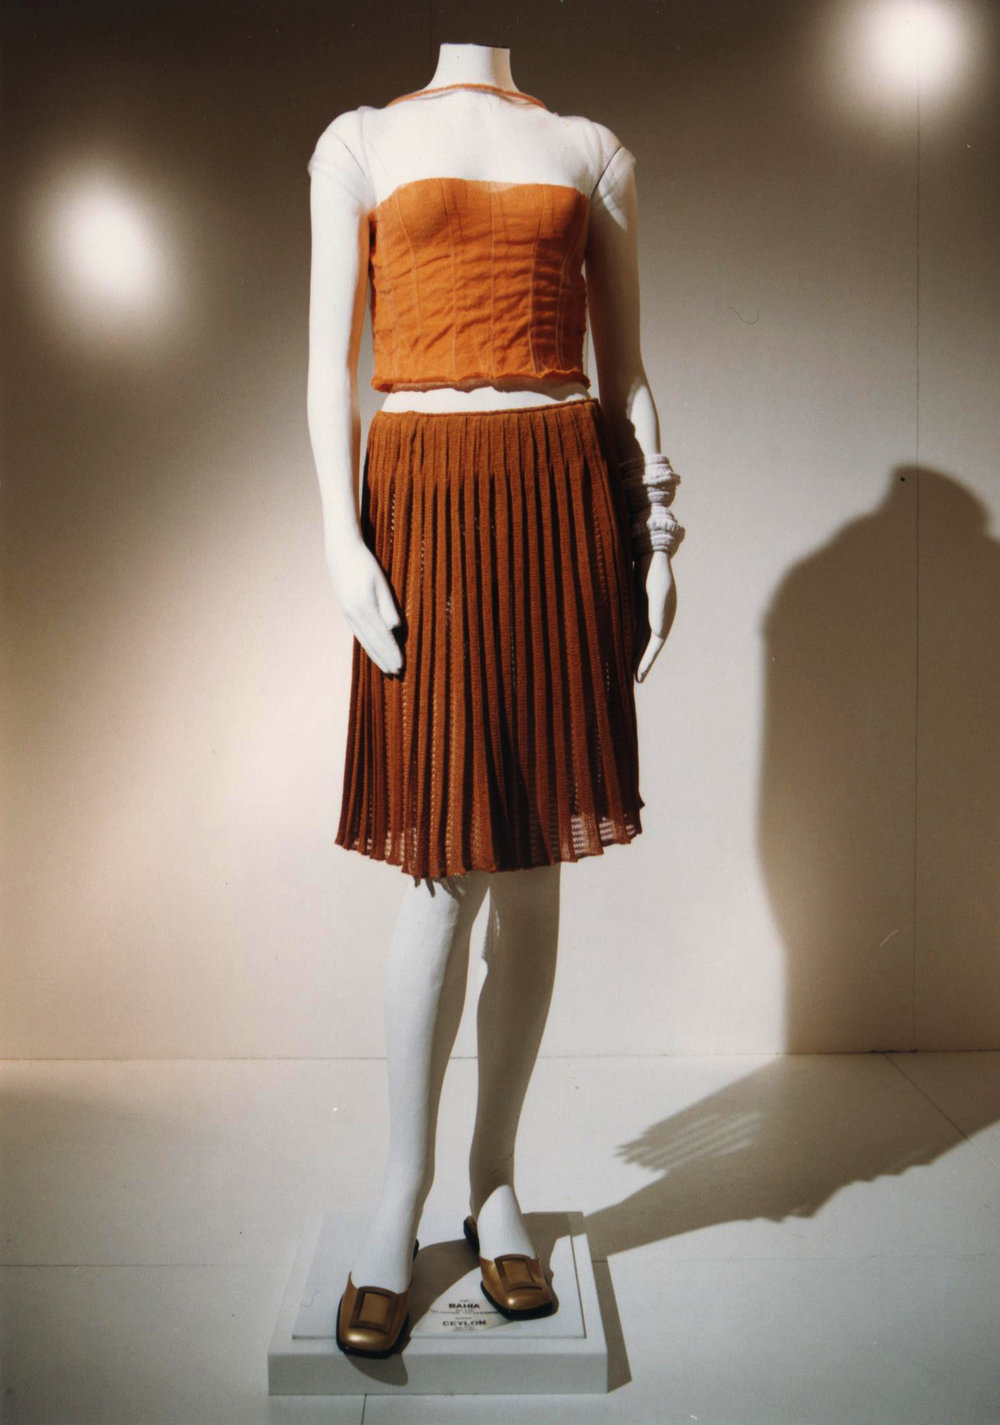 GiulianoeGiusyMarelli_ItalianSummer_2001_MadeInItaly_Knitwear_Design.jpg